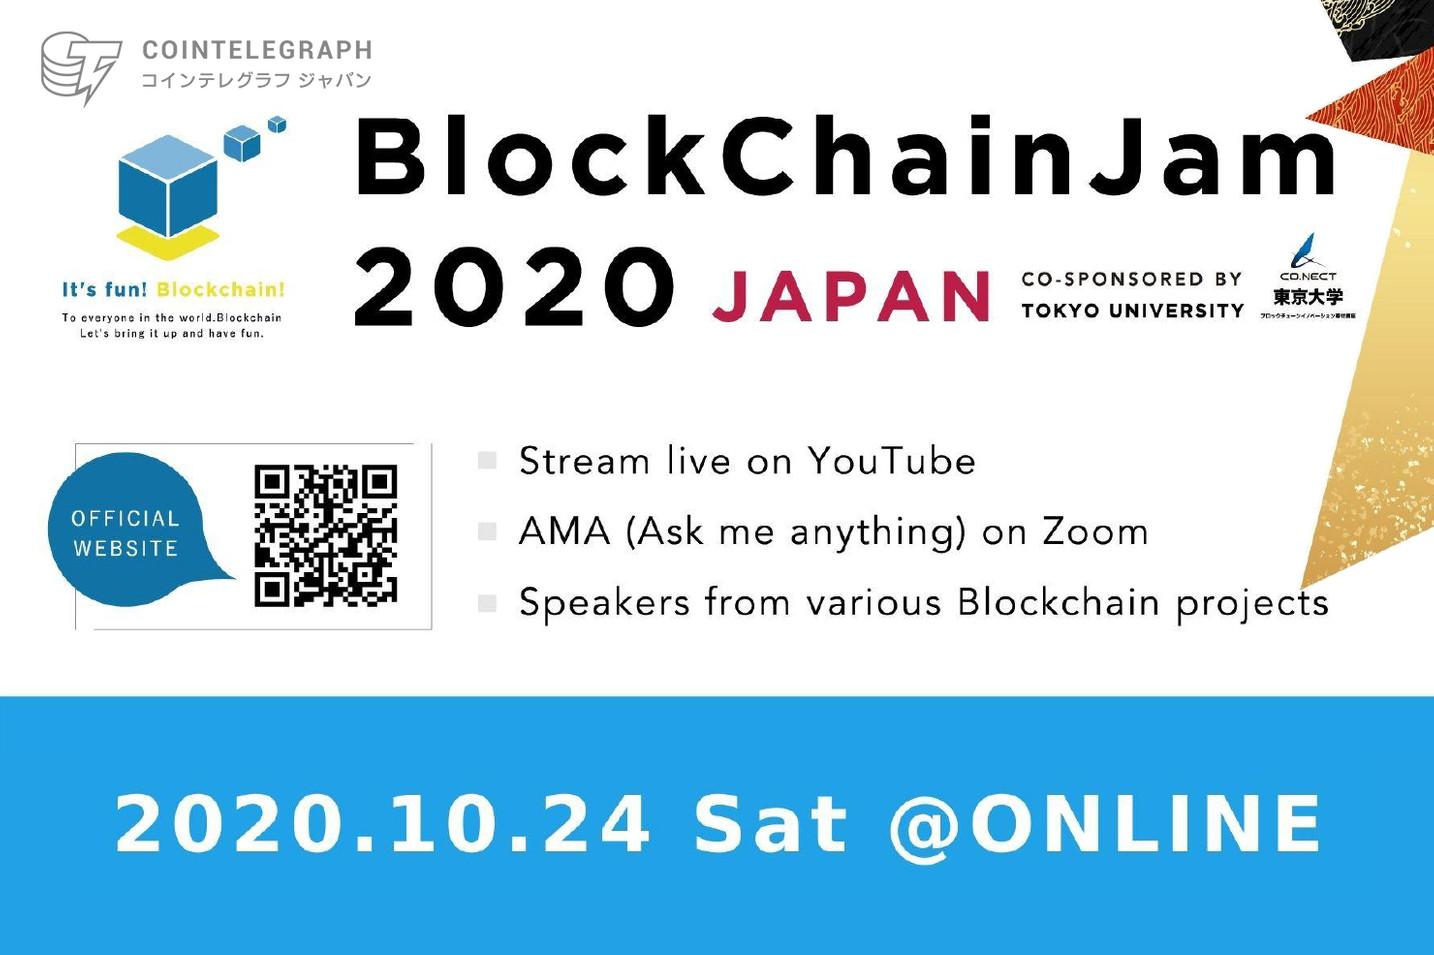 ブロックチェーンの最先端技術と未来を知る1日限りのイベント「BlockChainJam2020」が、今年は 10月24日 に完全オンライン・完全無料で開催